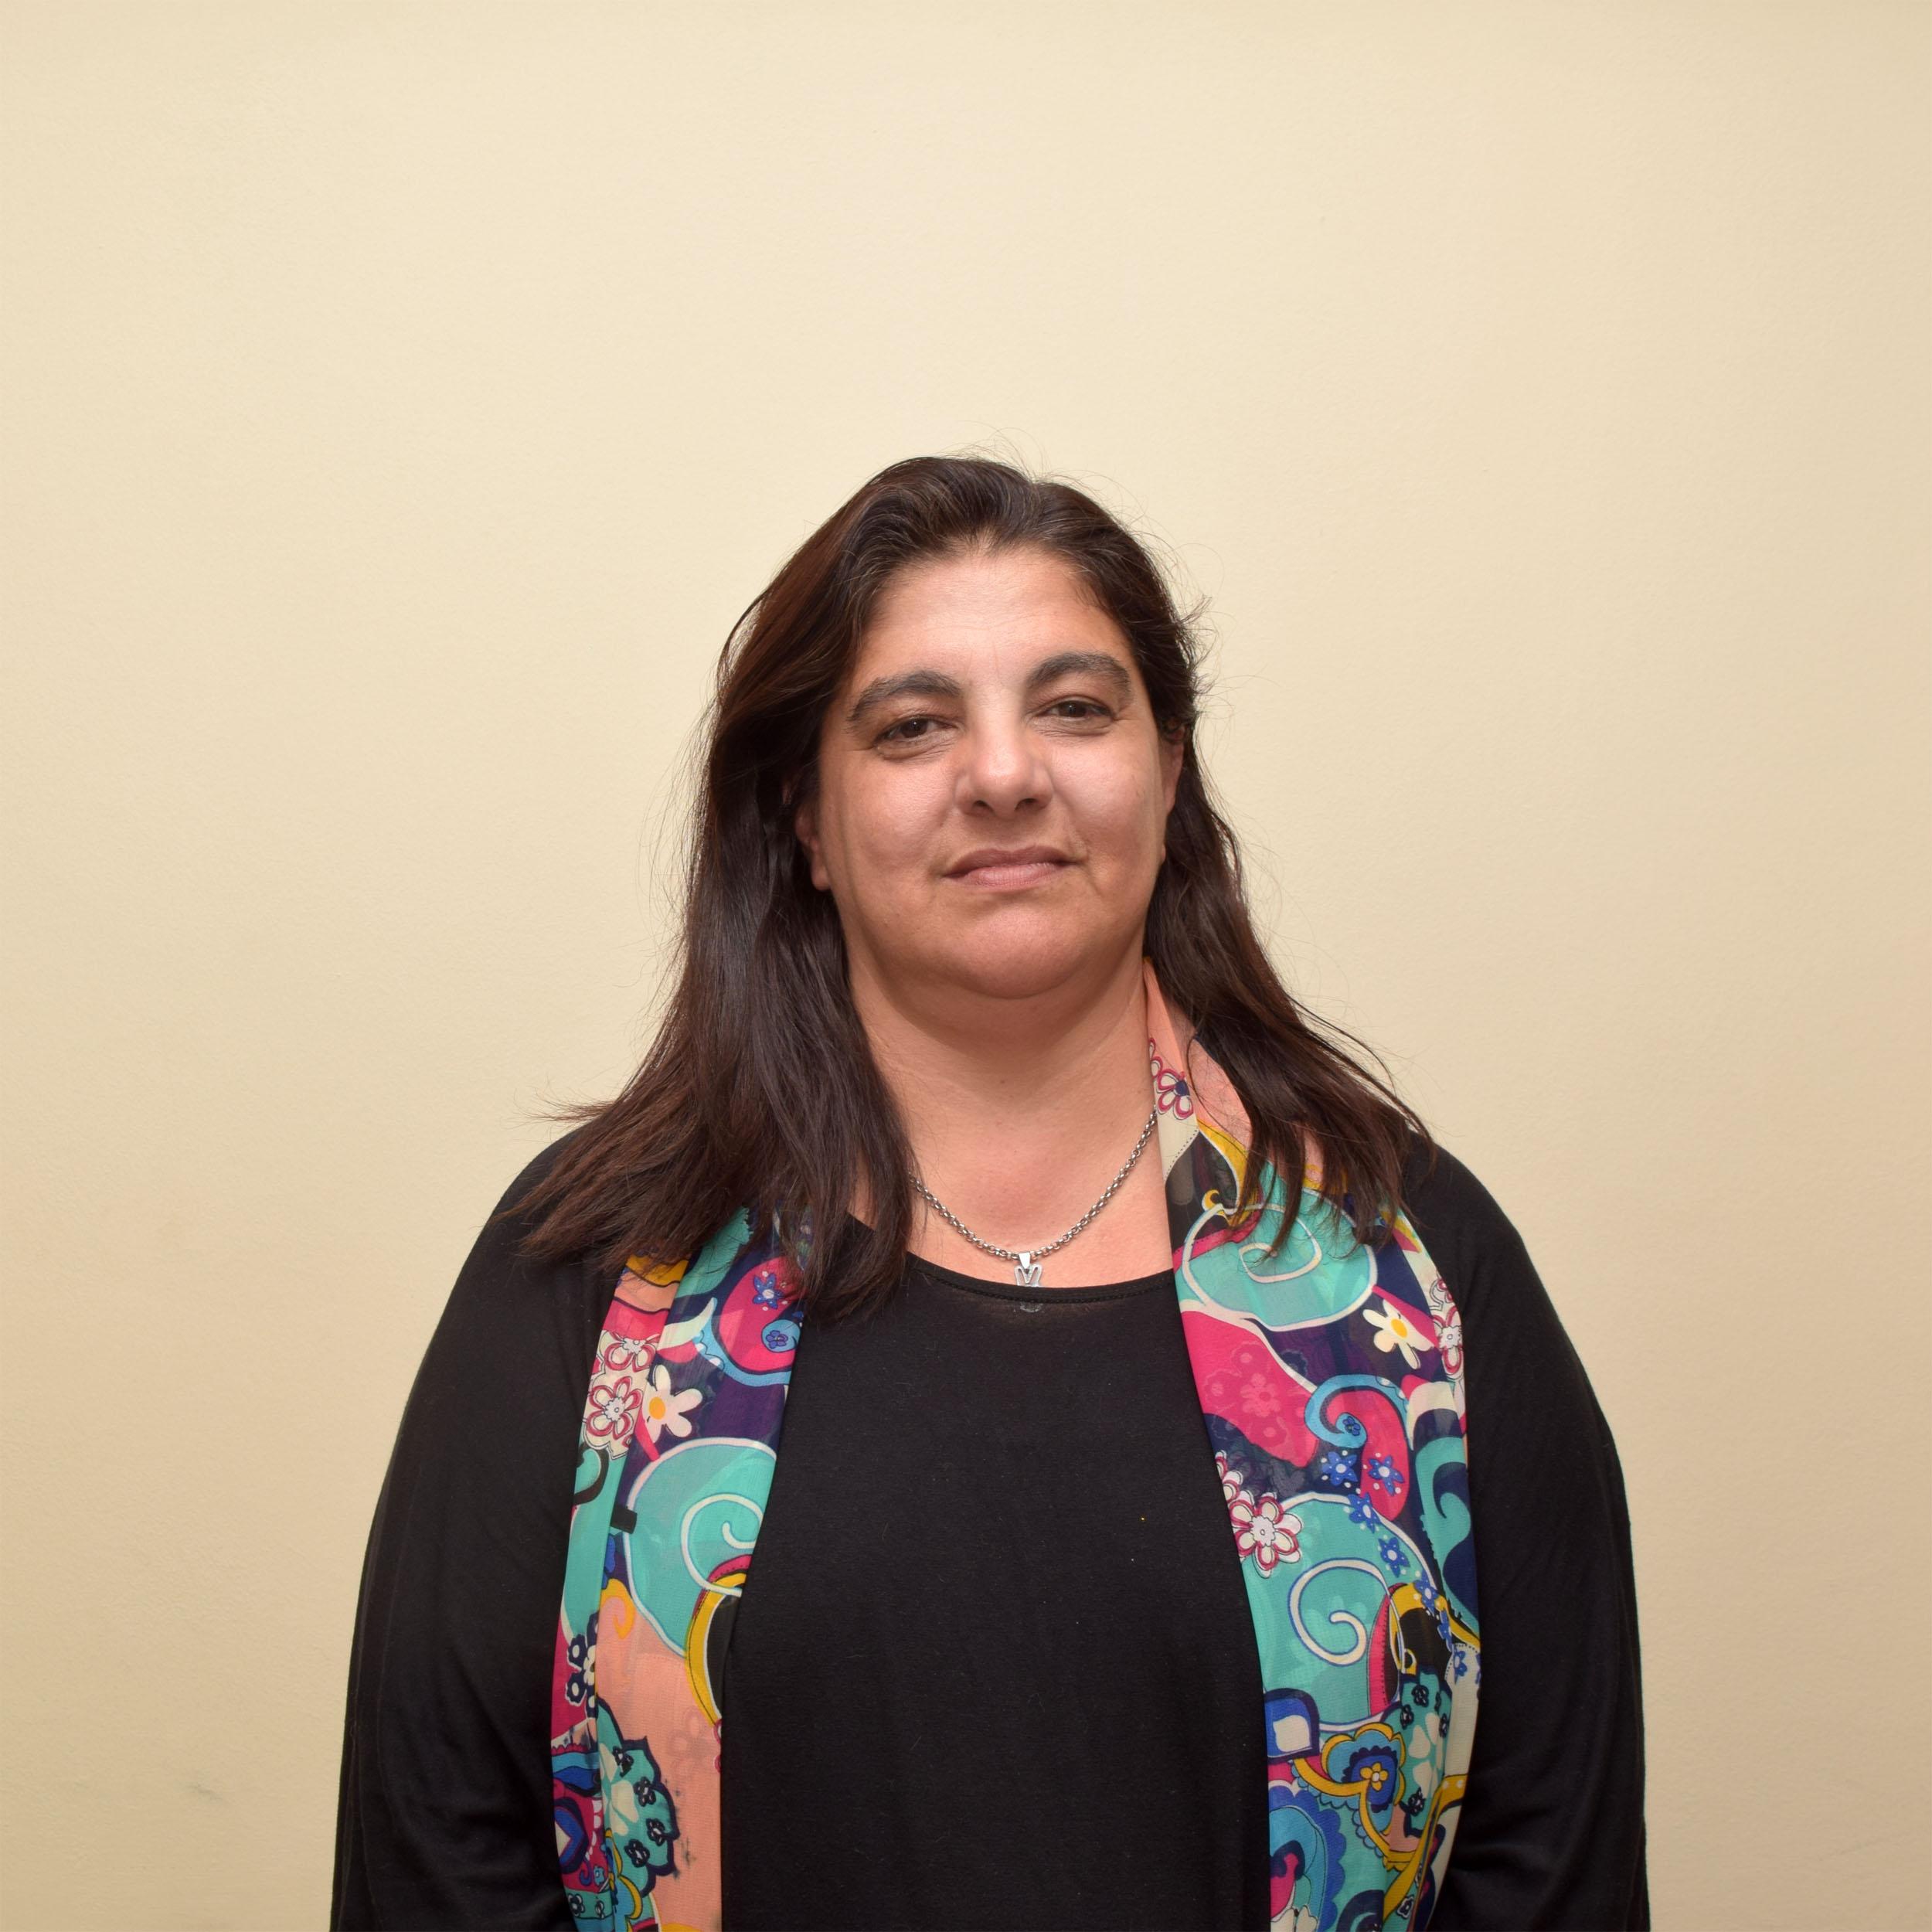 Celia Sarmiento